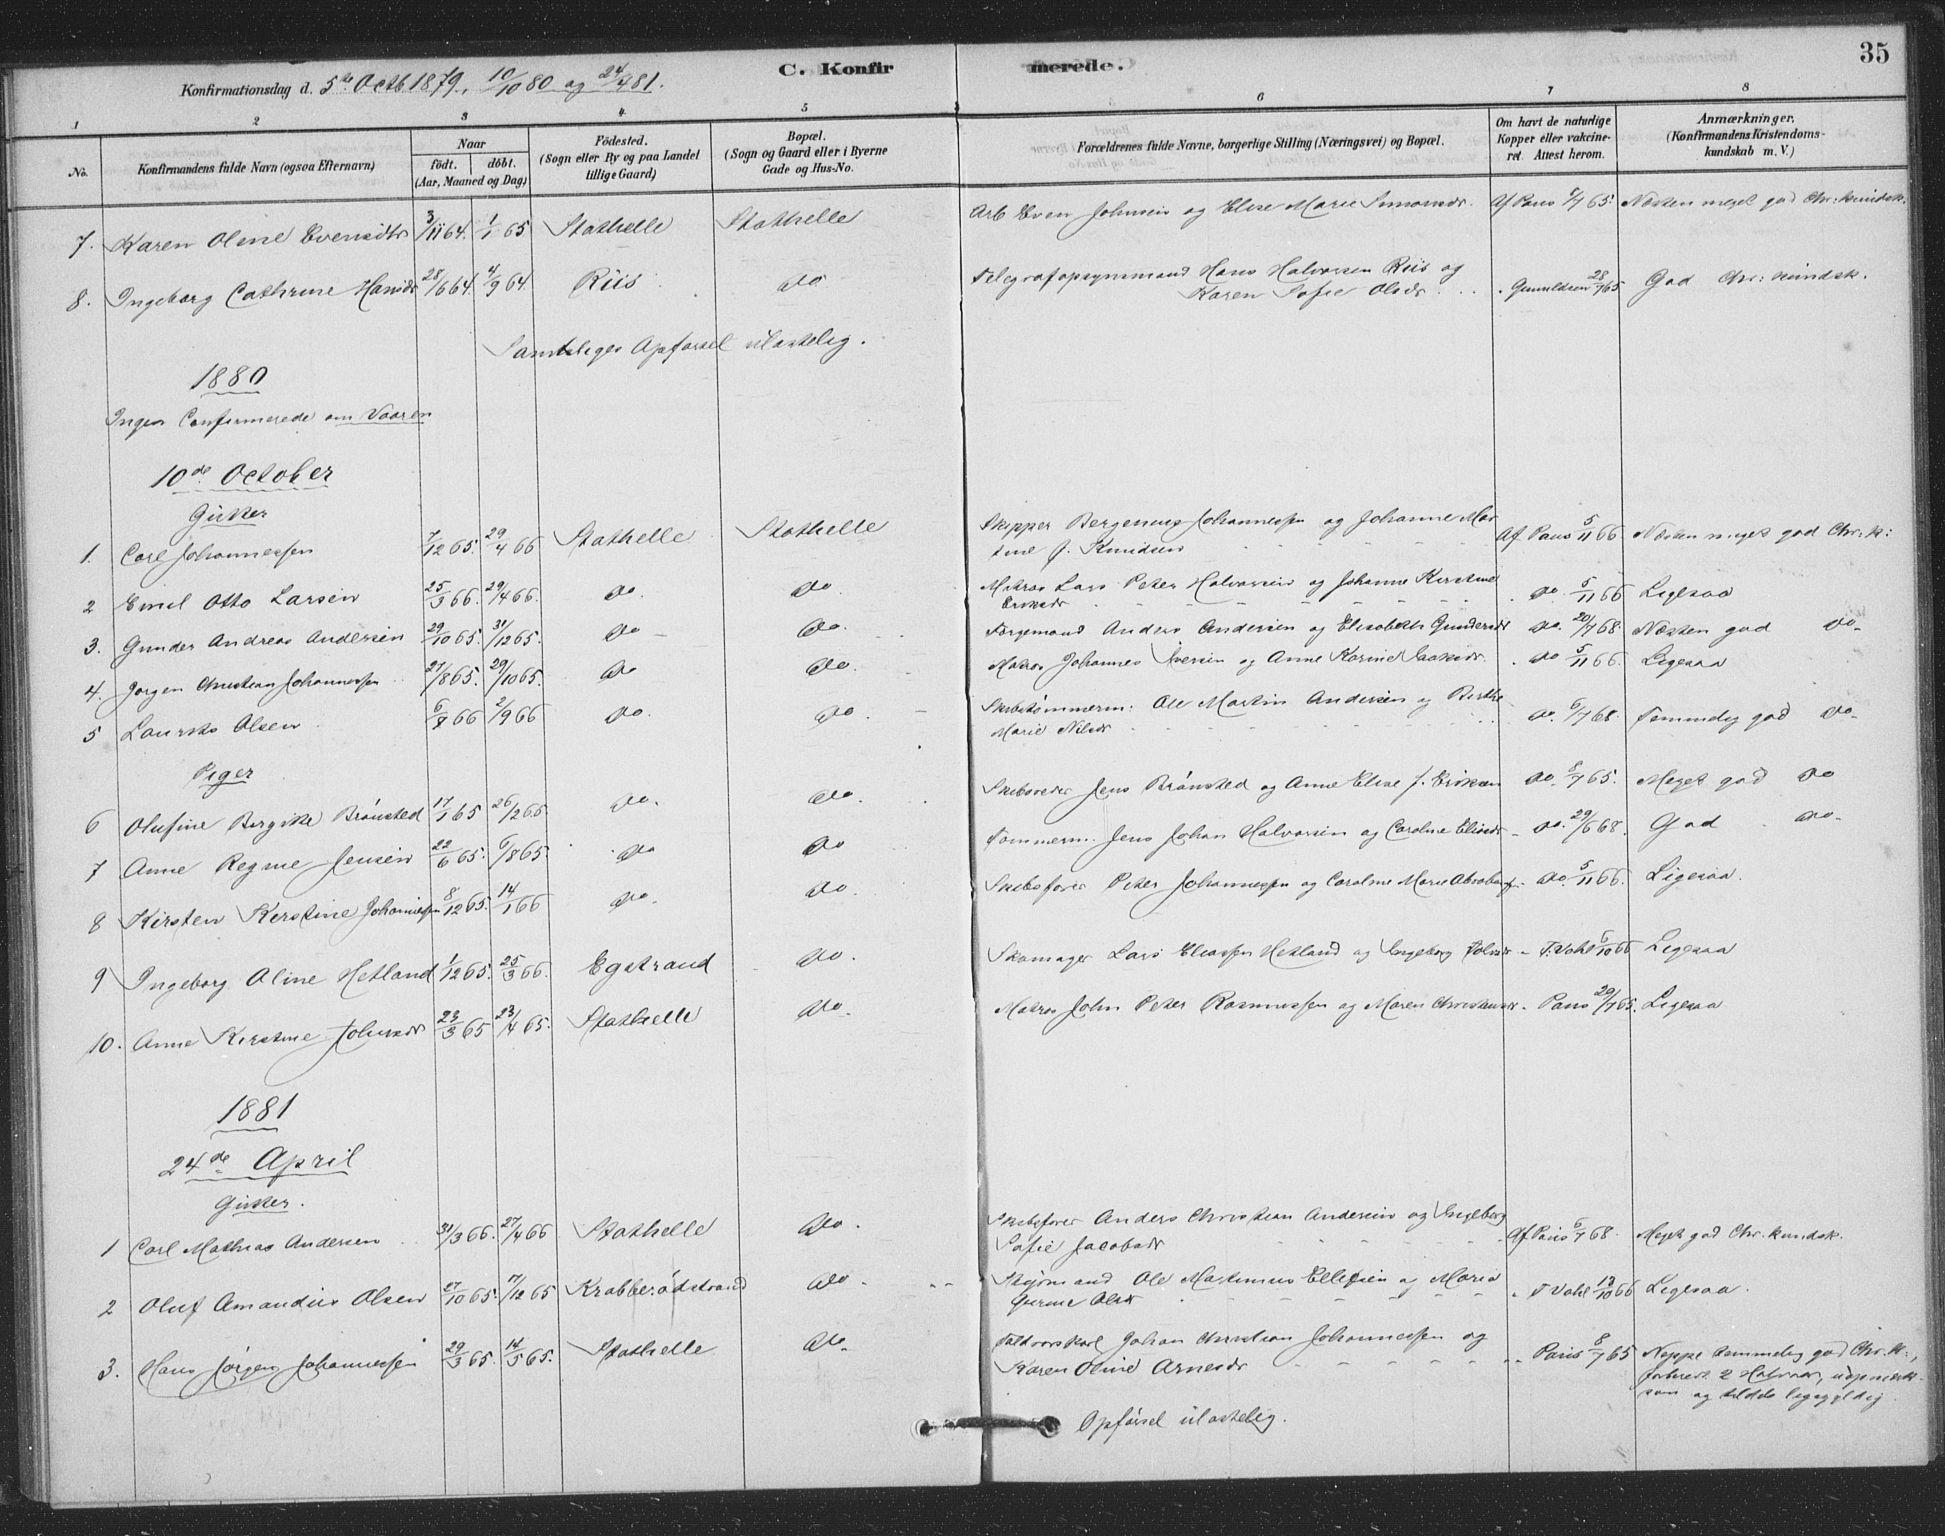 SAKO, Bamble kirkebøker, F/Fb/L0001: Ministerialbok nr. II 1, 1878-1899, s. 35